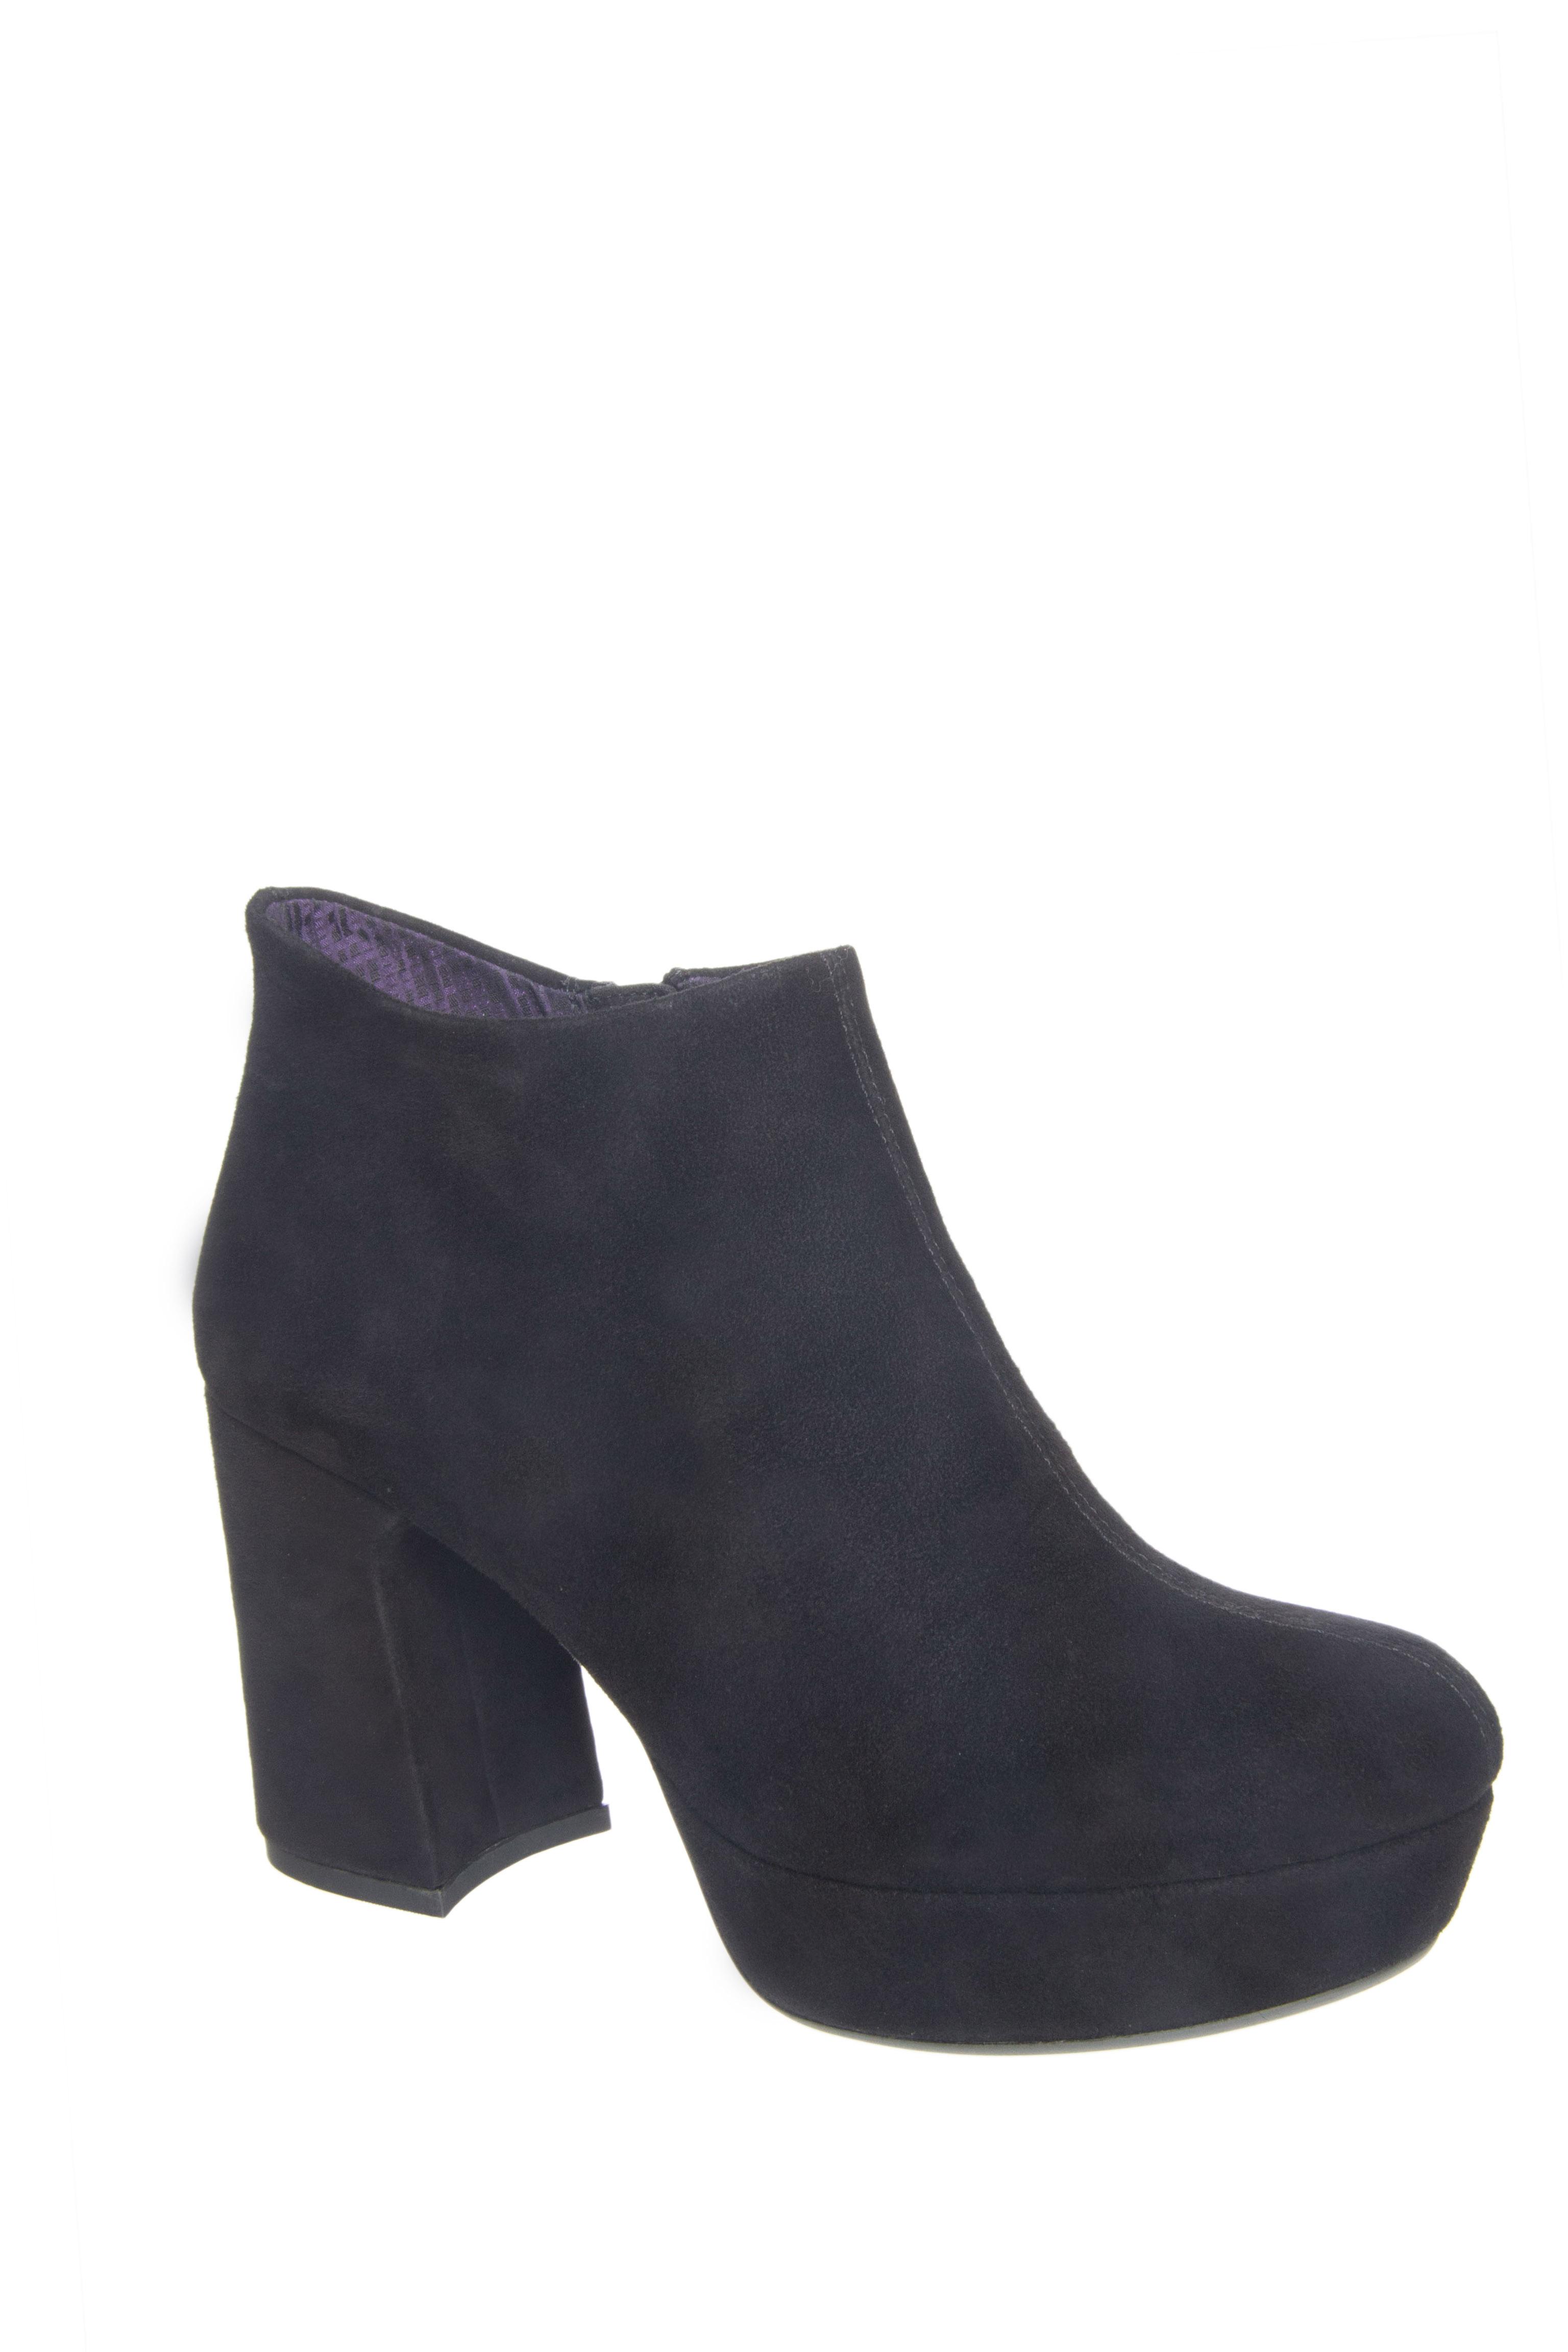 Vagabond Danila High Heel Zip Booties - Black Suede